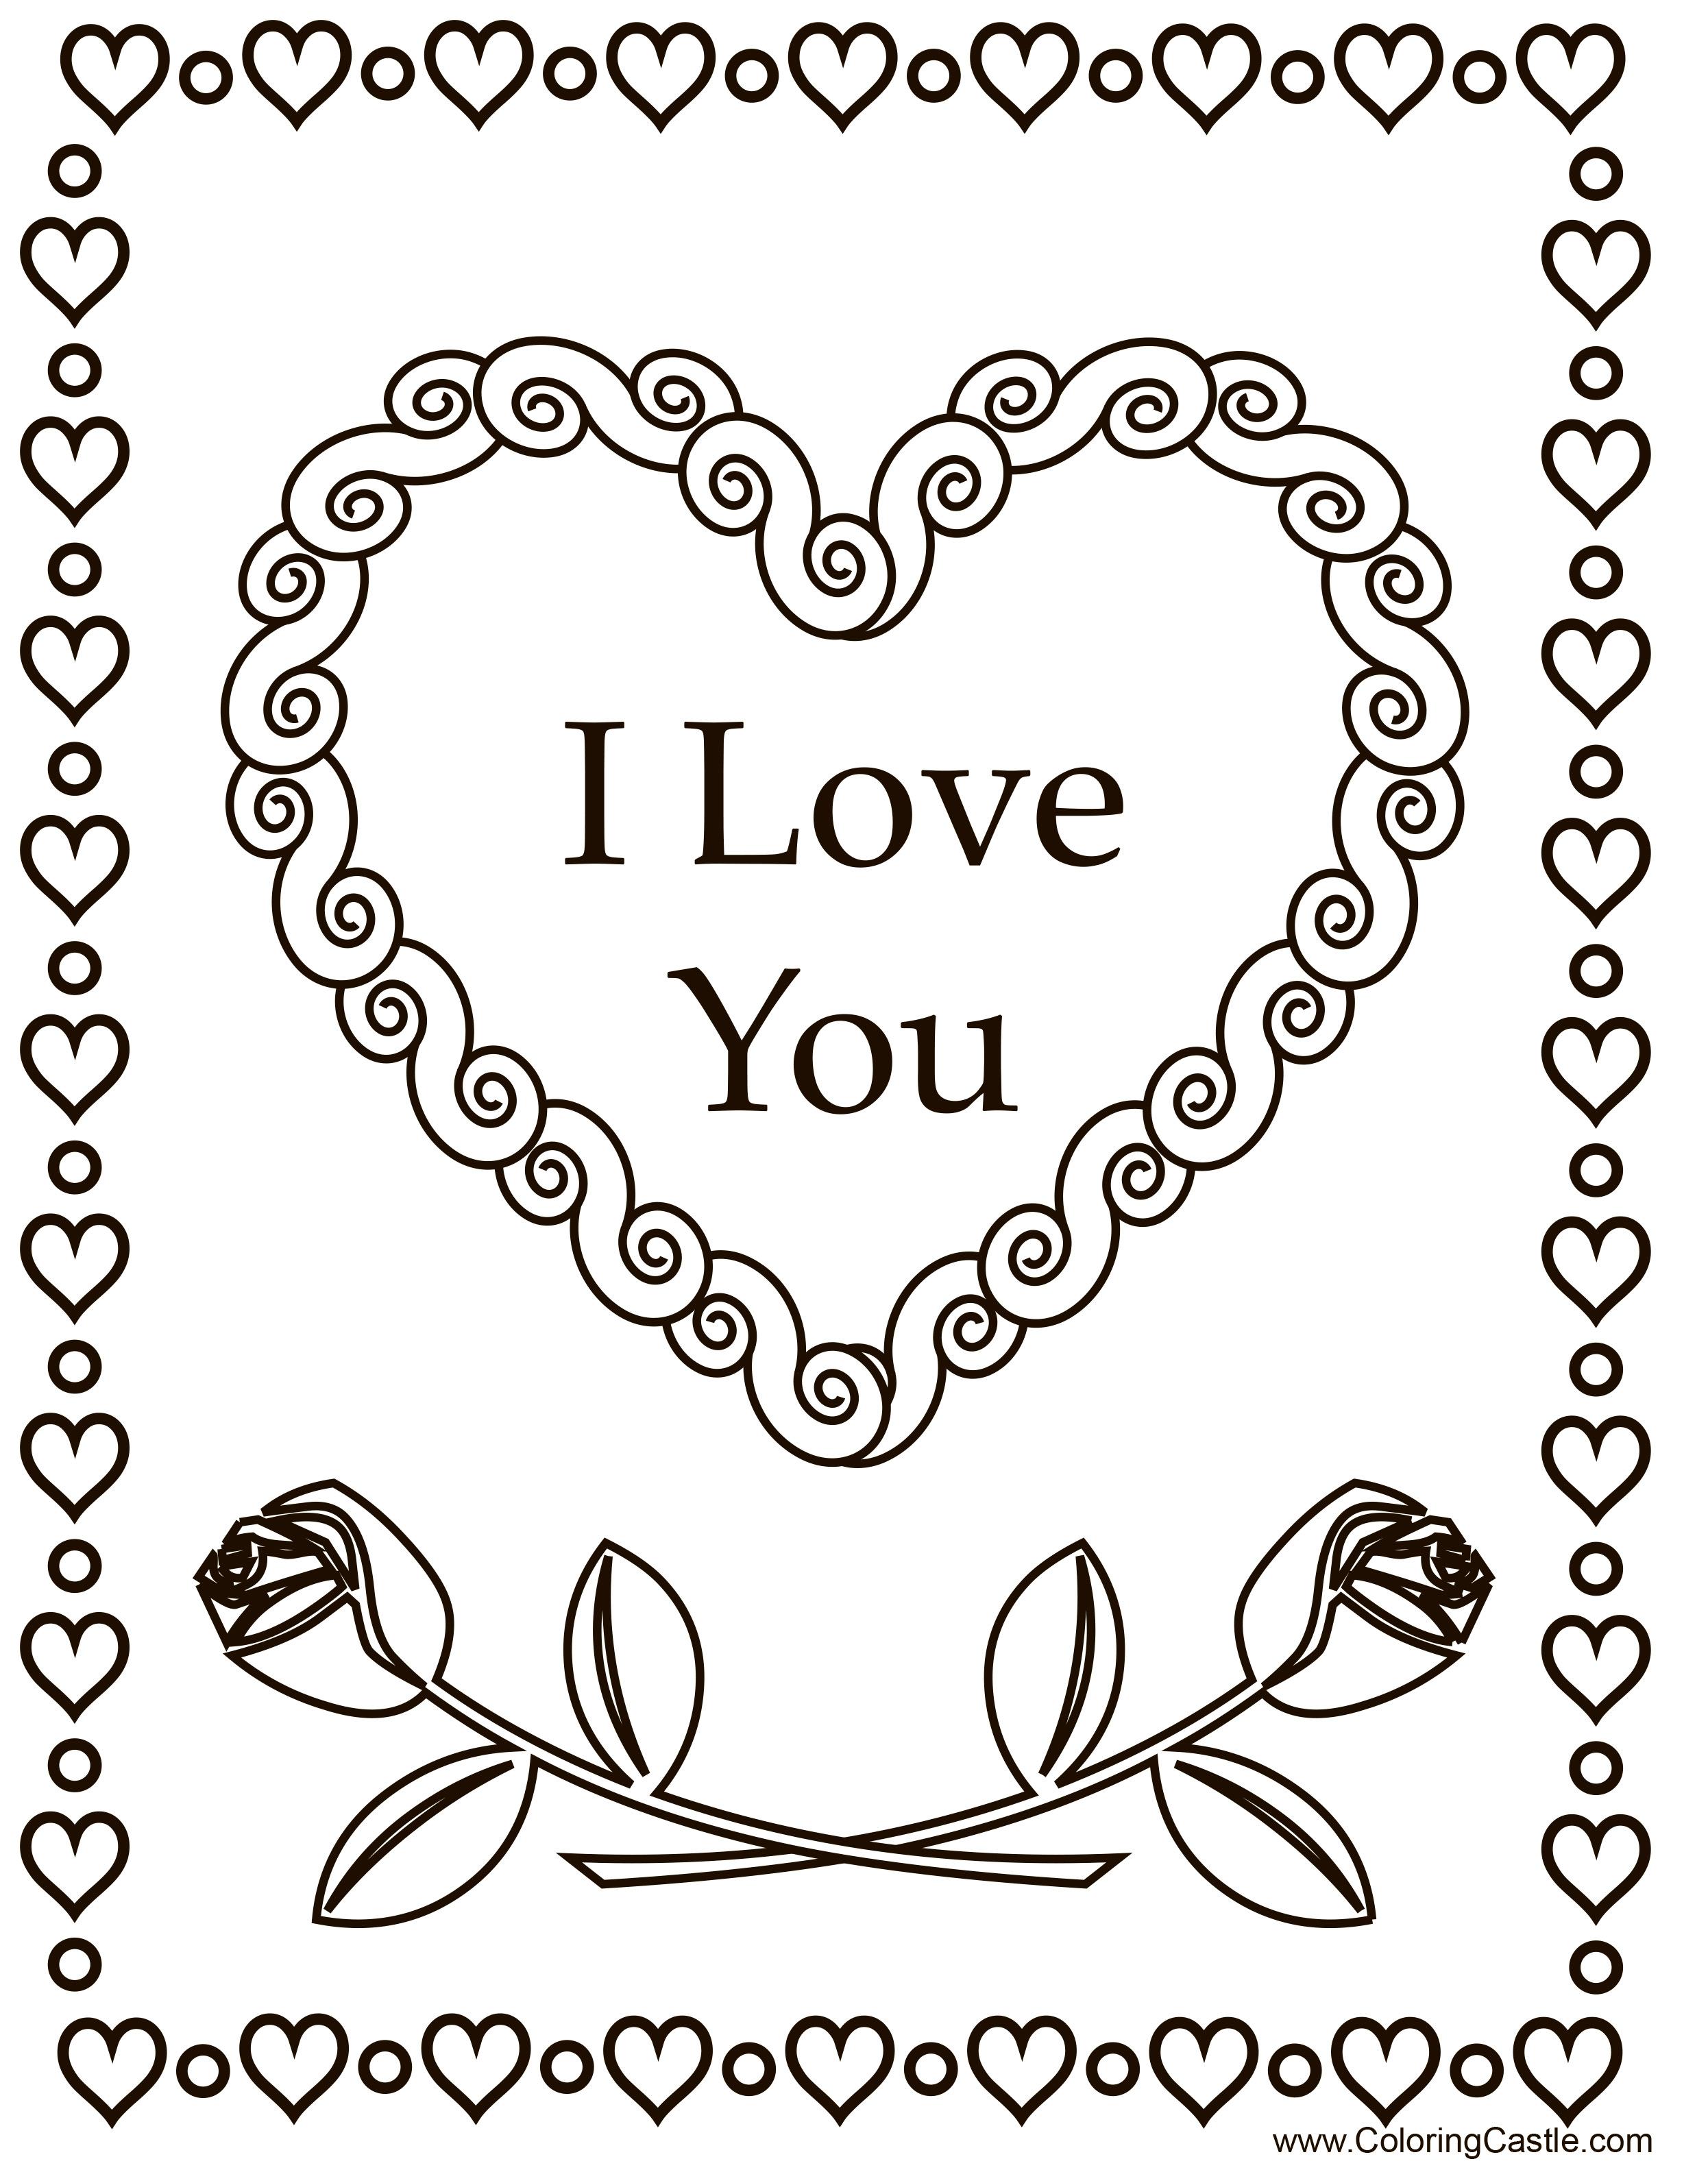 Я кохаю тебе - листівка